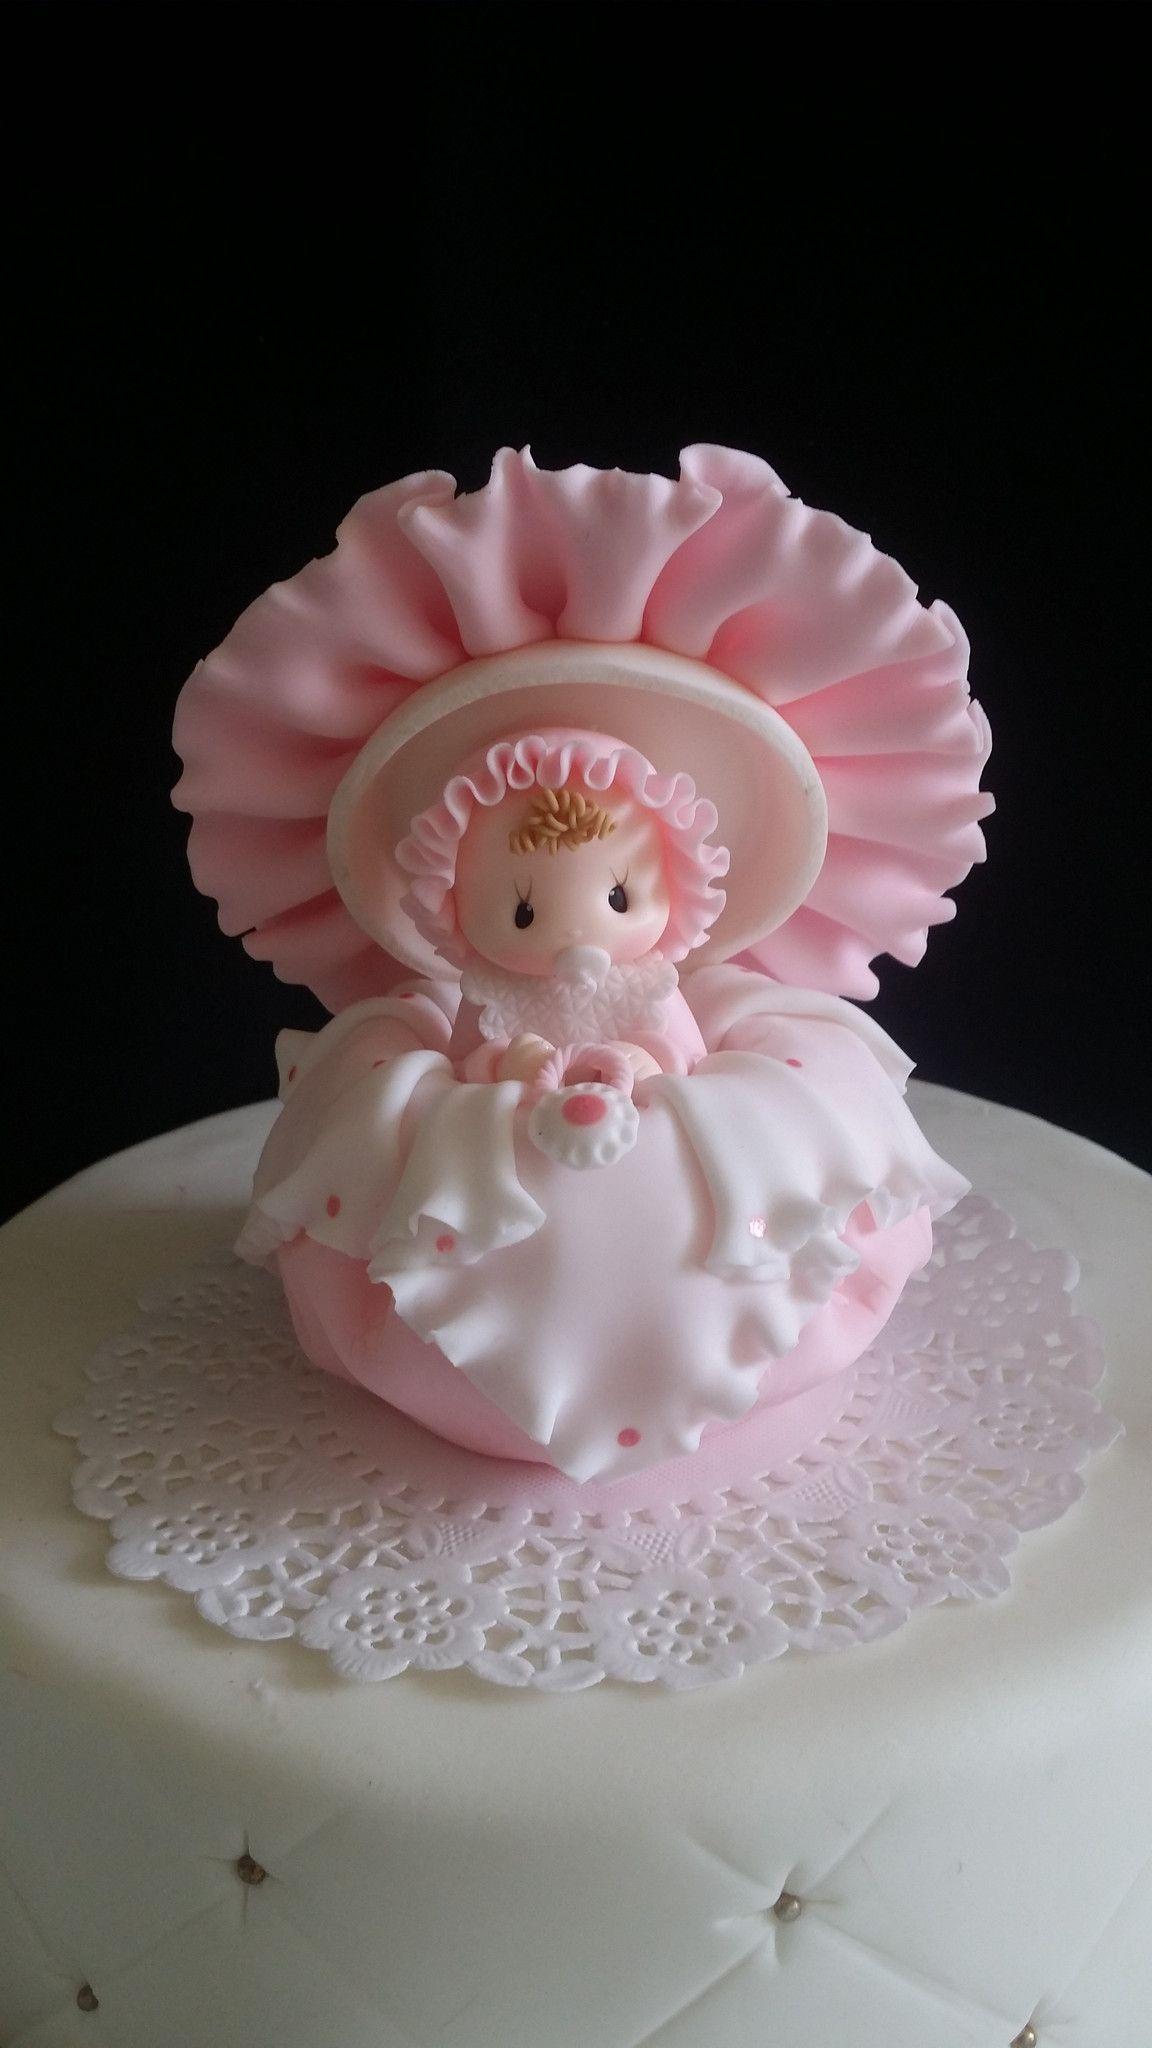 Baby Shower Cake Topper Girl Baby Shower Decoration Twins Baby Shower Cake Topper Baby Shower Cake Topper Baby Boy Cake Topper Twin Baby Shower Cake